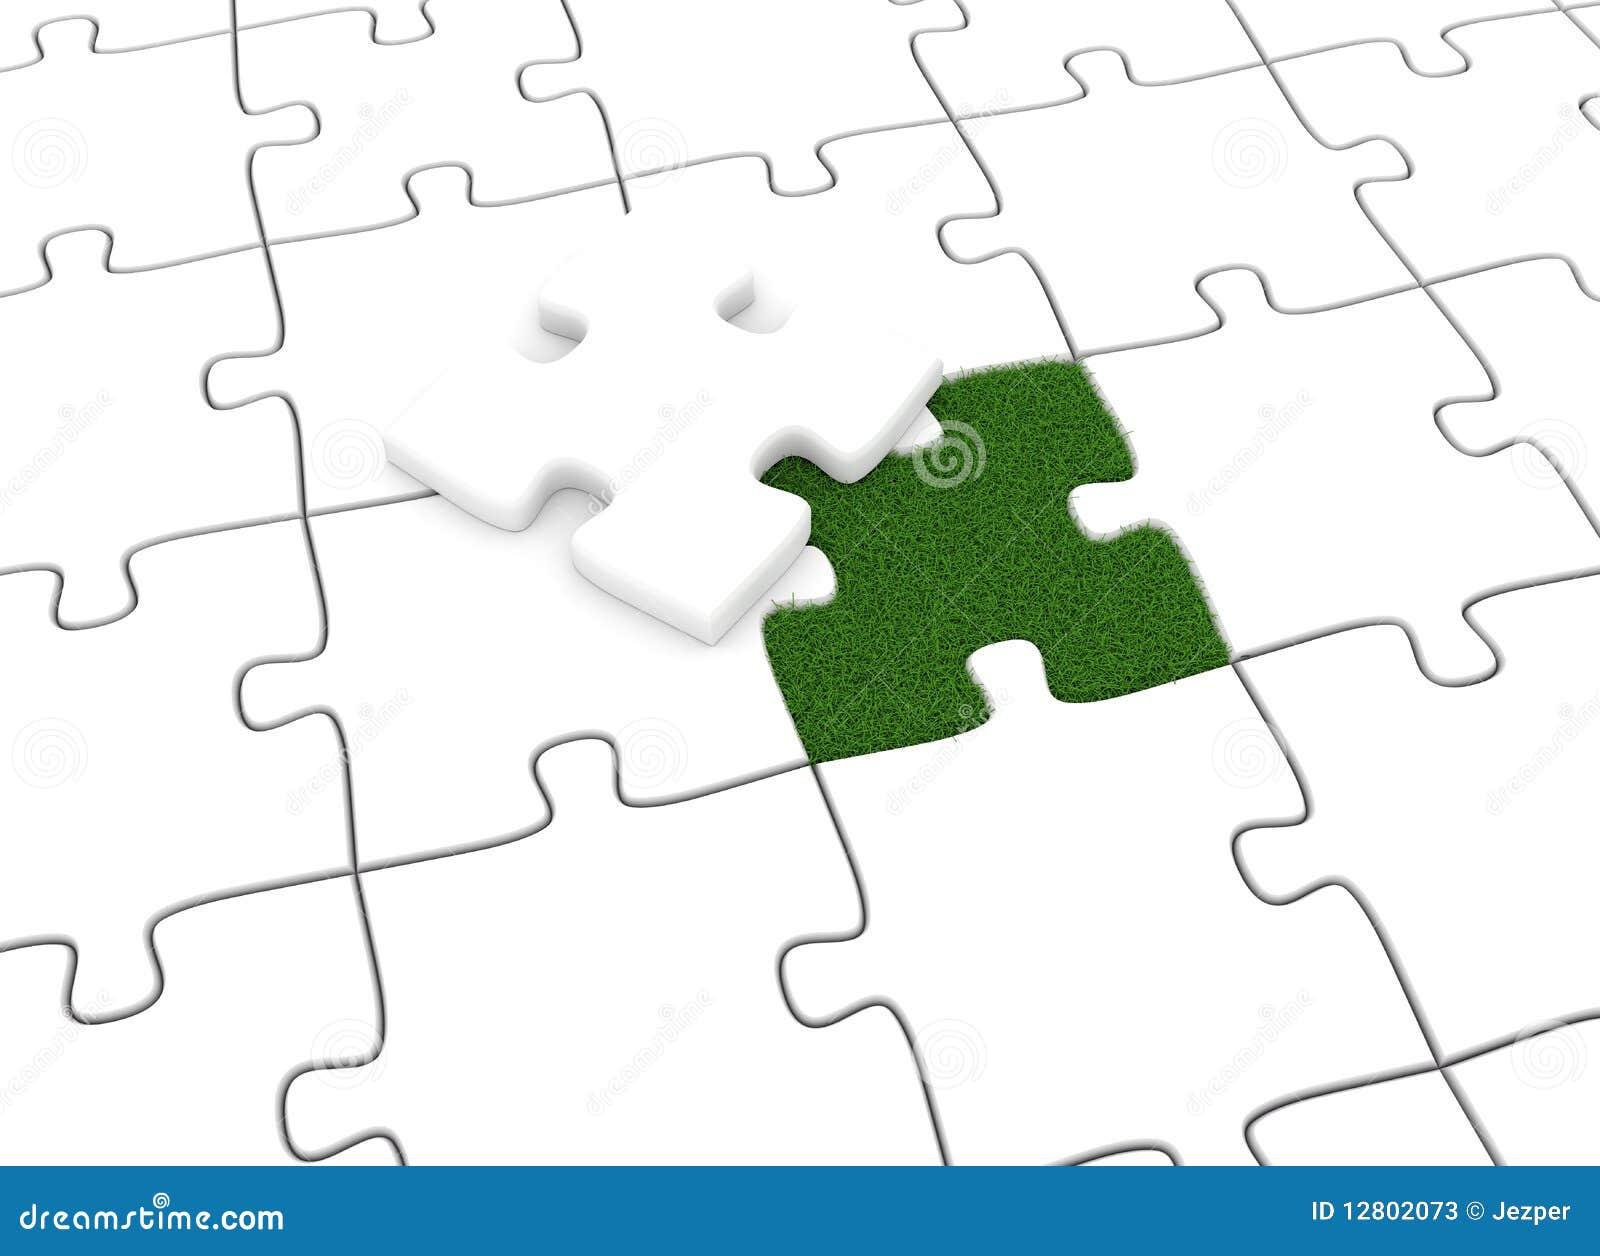 Ilustração do enigma